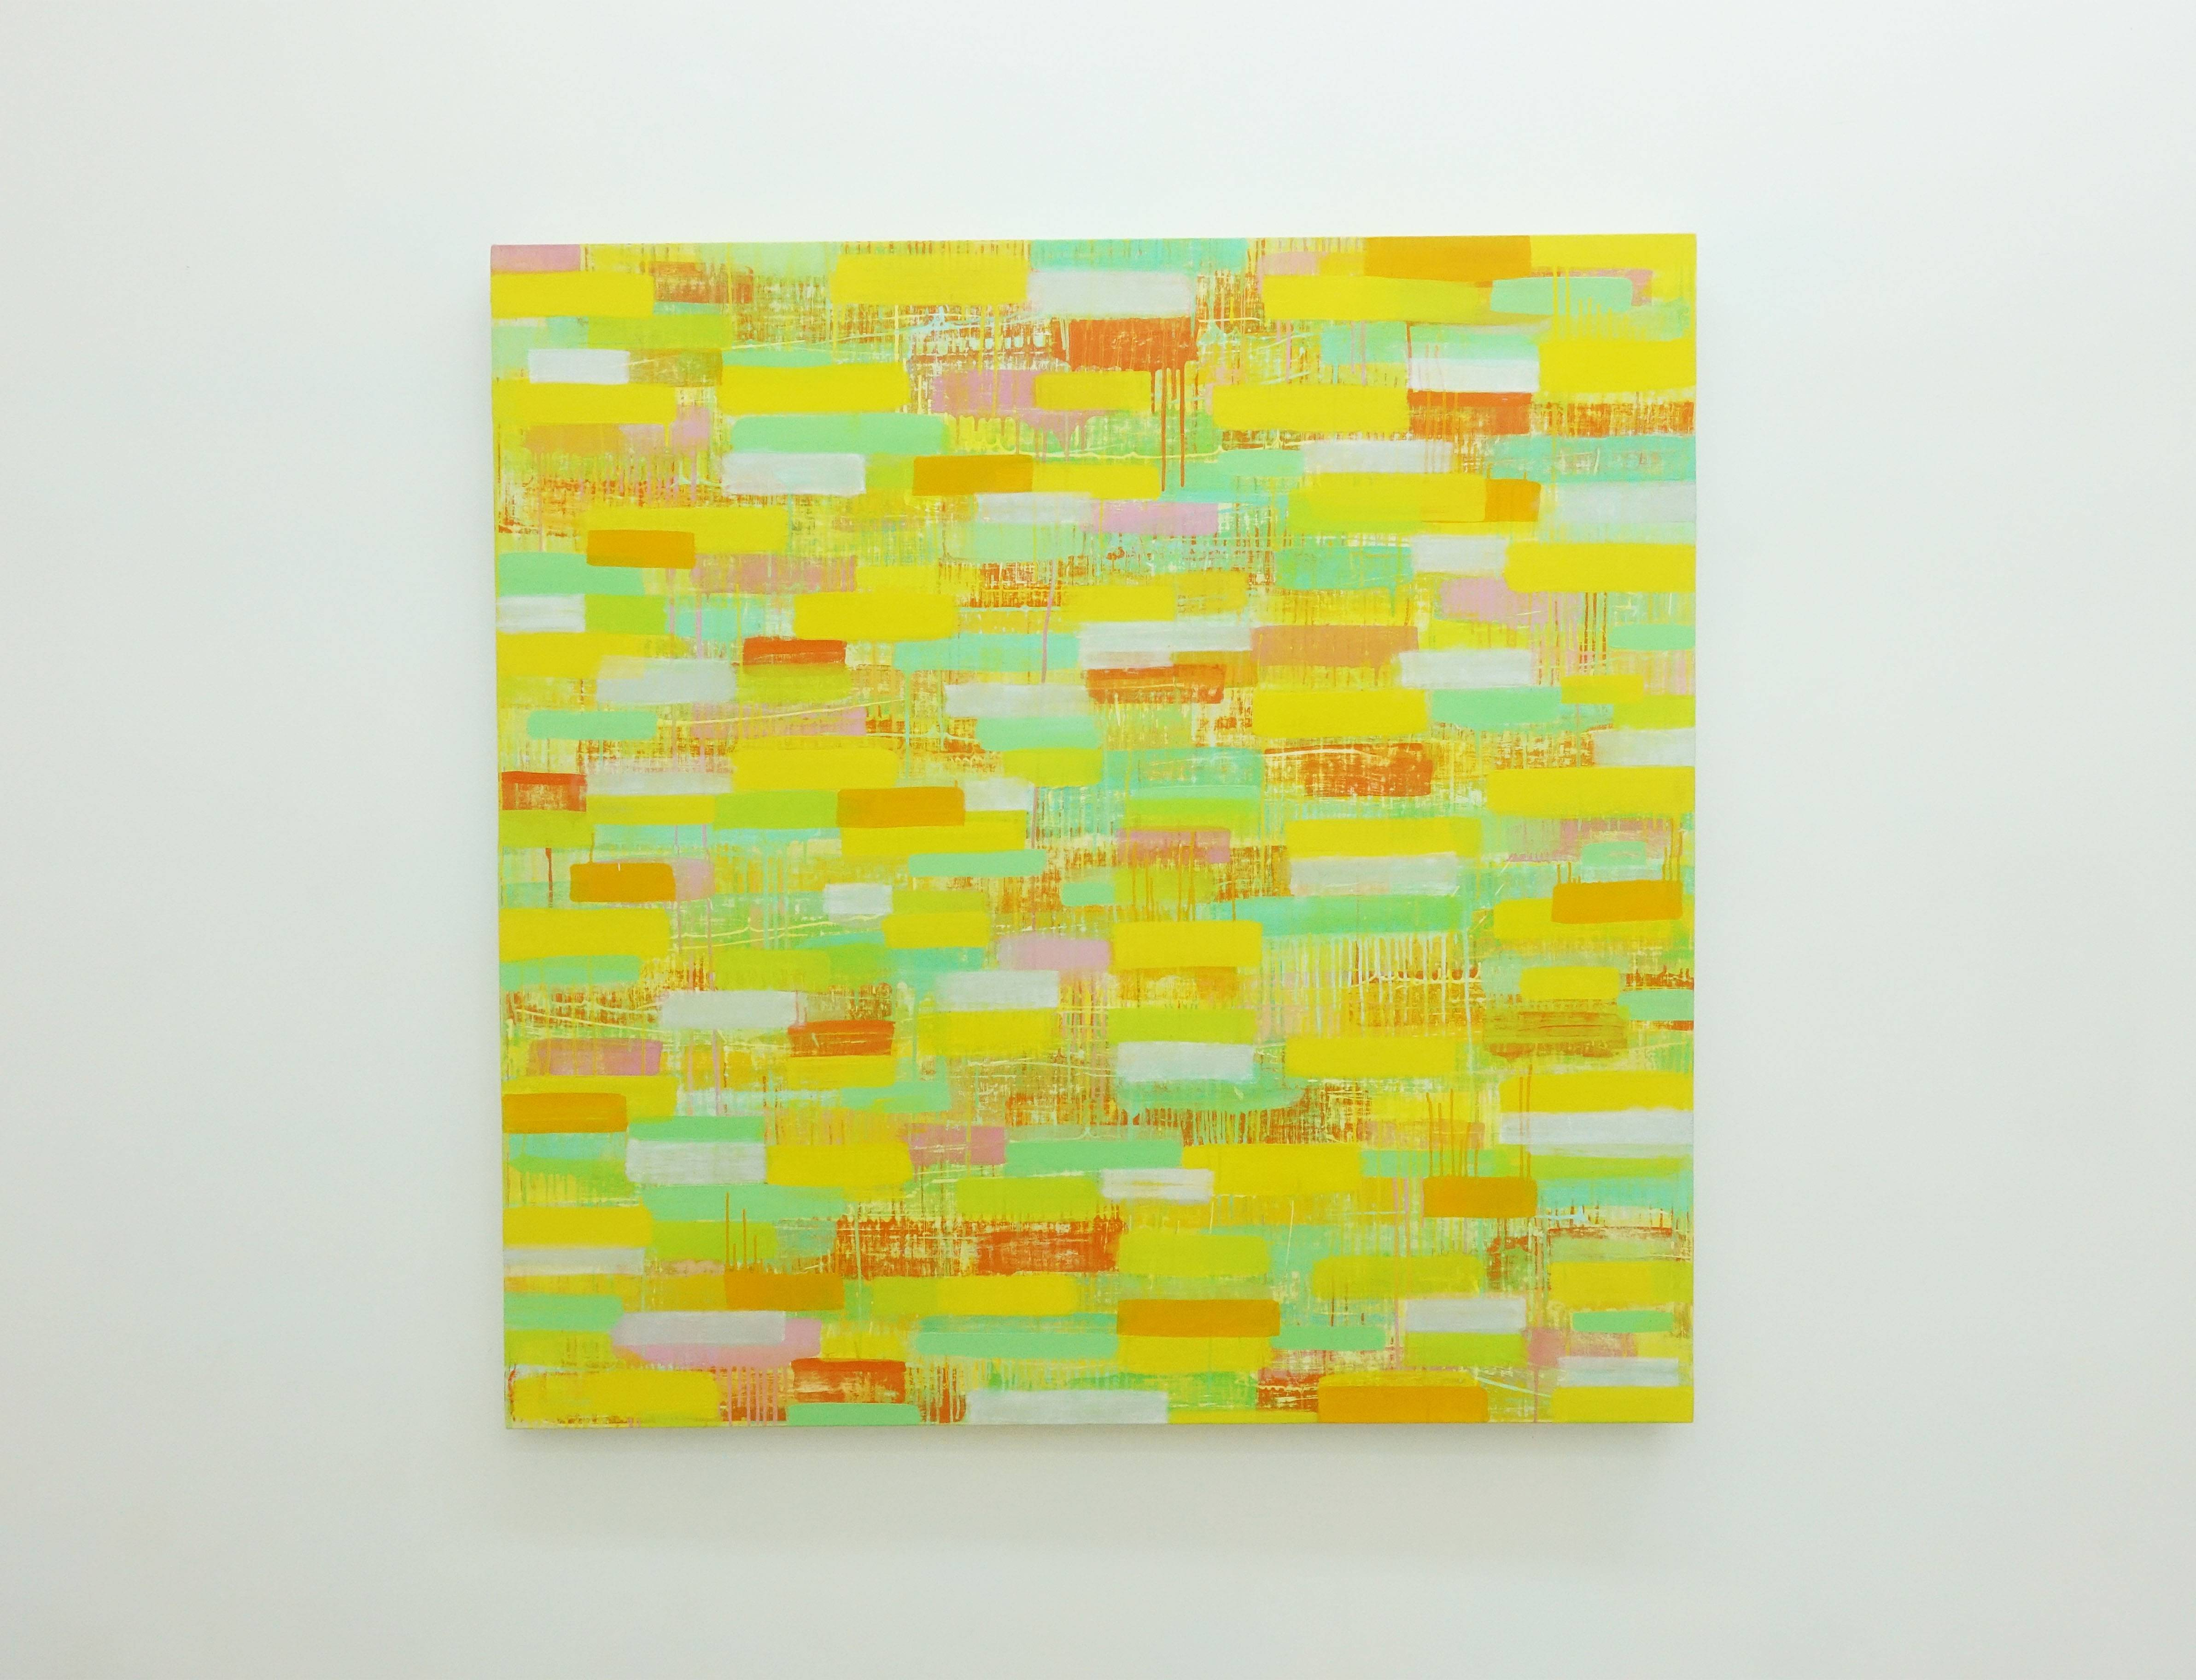 紀嘉華,《經過-3》,127 x 127 cm,油彩 / 亞麻布,2015-2016。